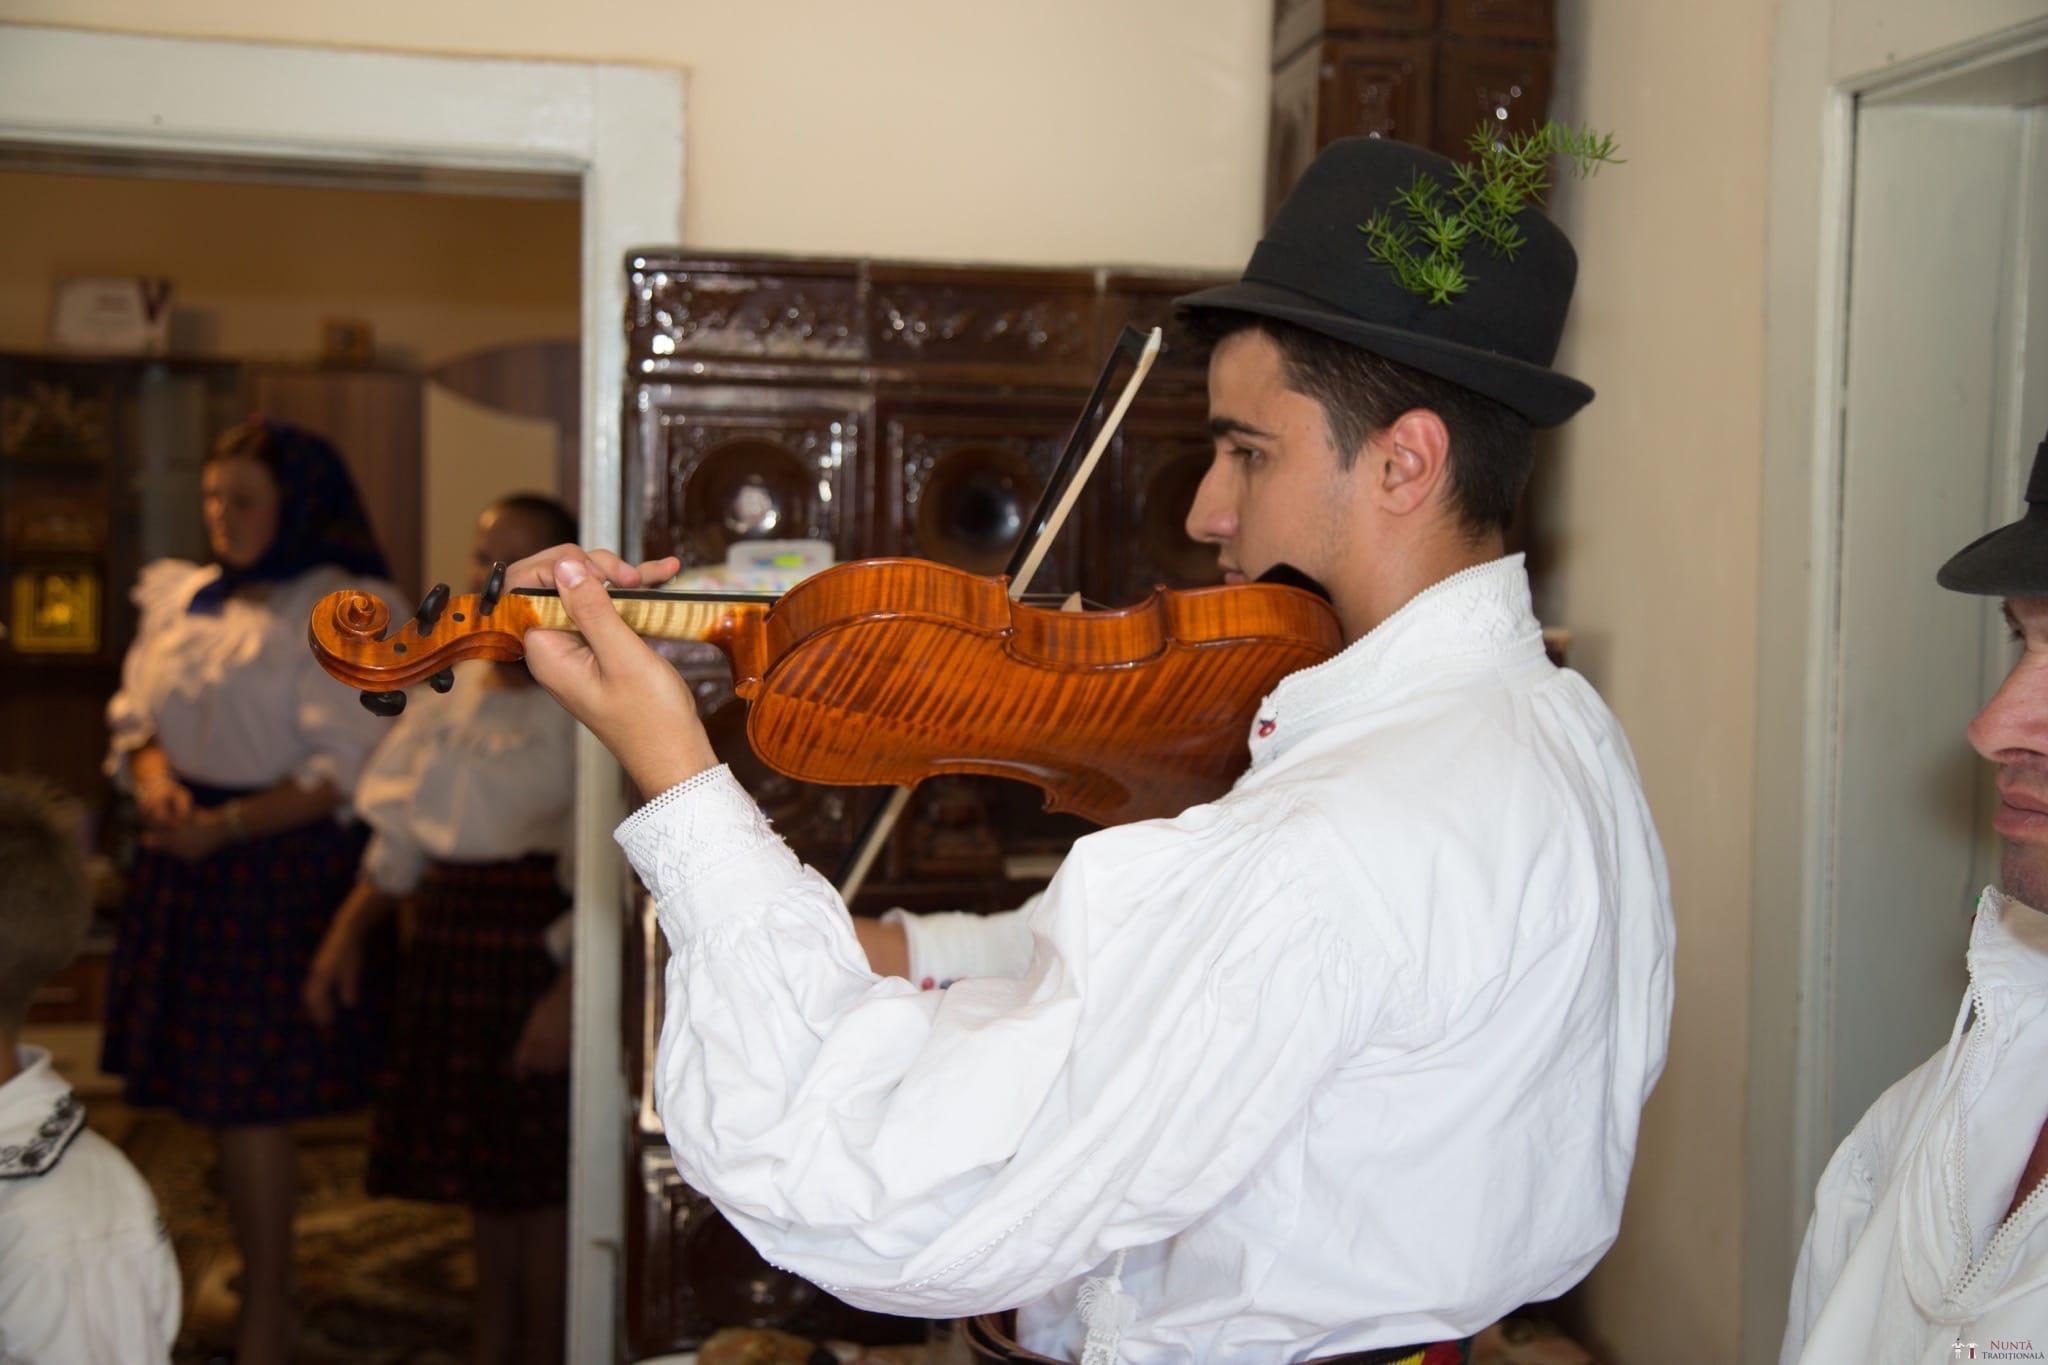 Povești Nunți Tradiționale - Ancuța și Nicu, cununie tradițională în Giulești, Maramureș 8